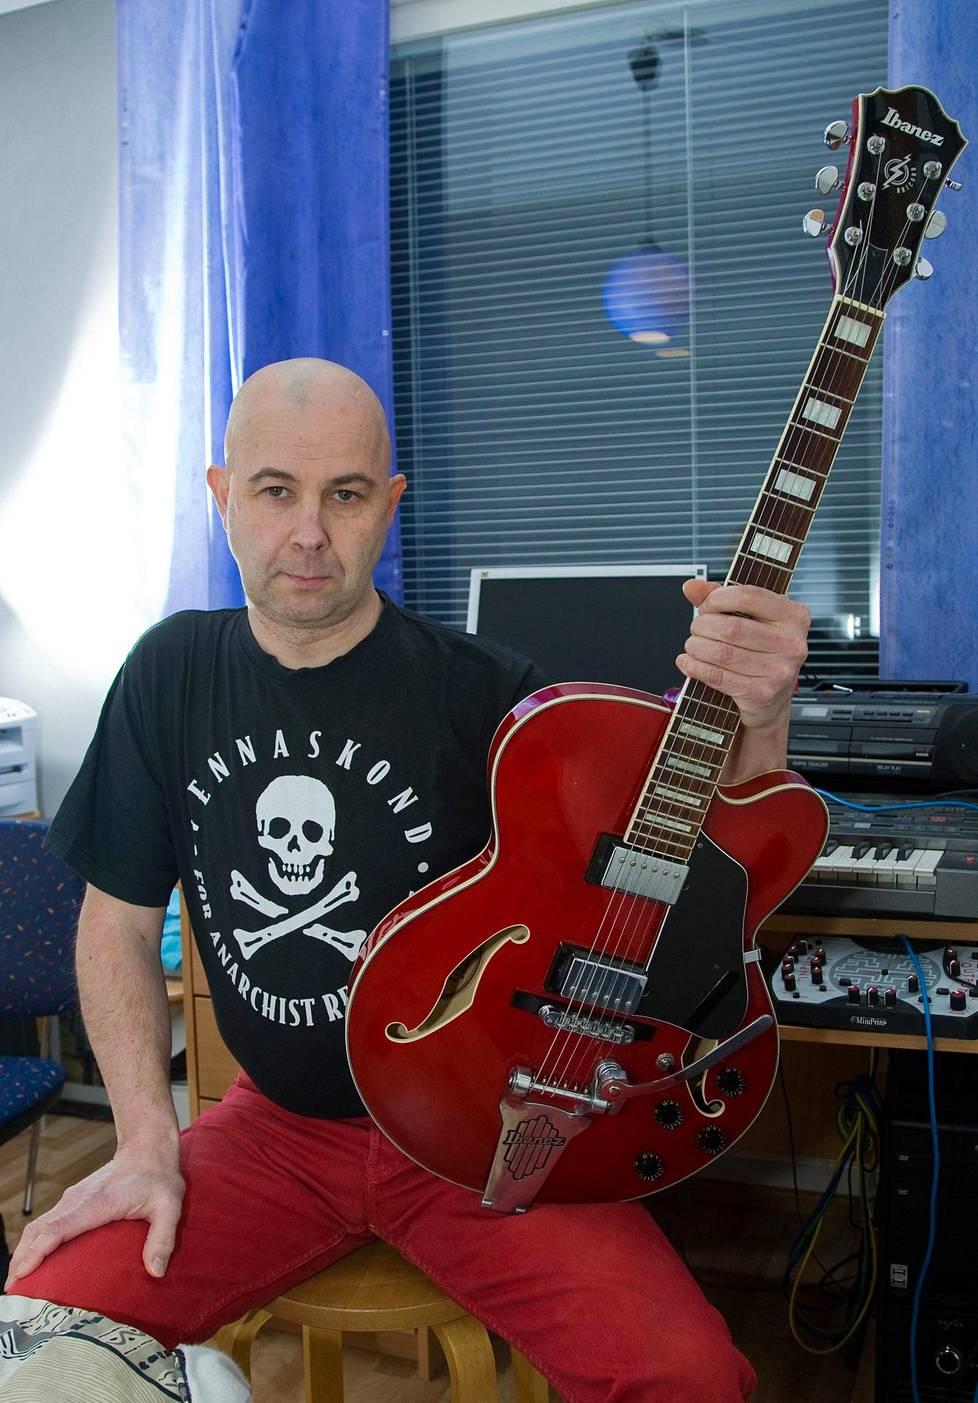 Tämä on yksi viimeisistä muusikko Matti Inkisestä otetuista kuvista.